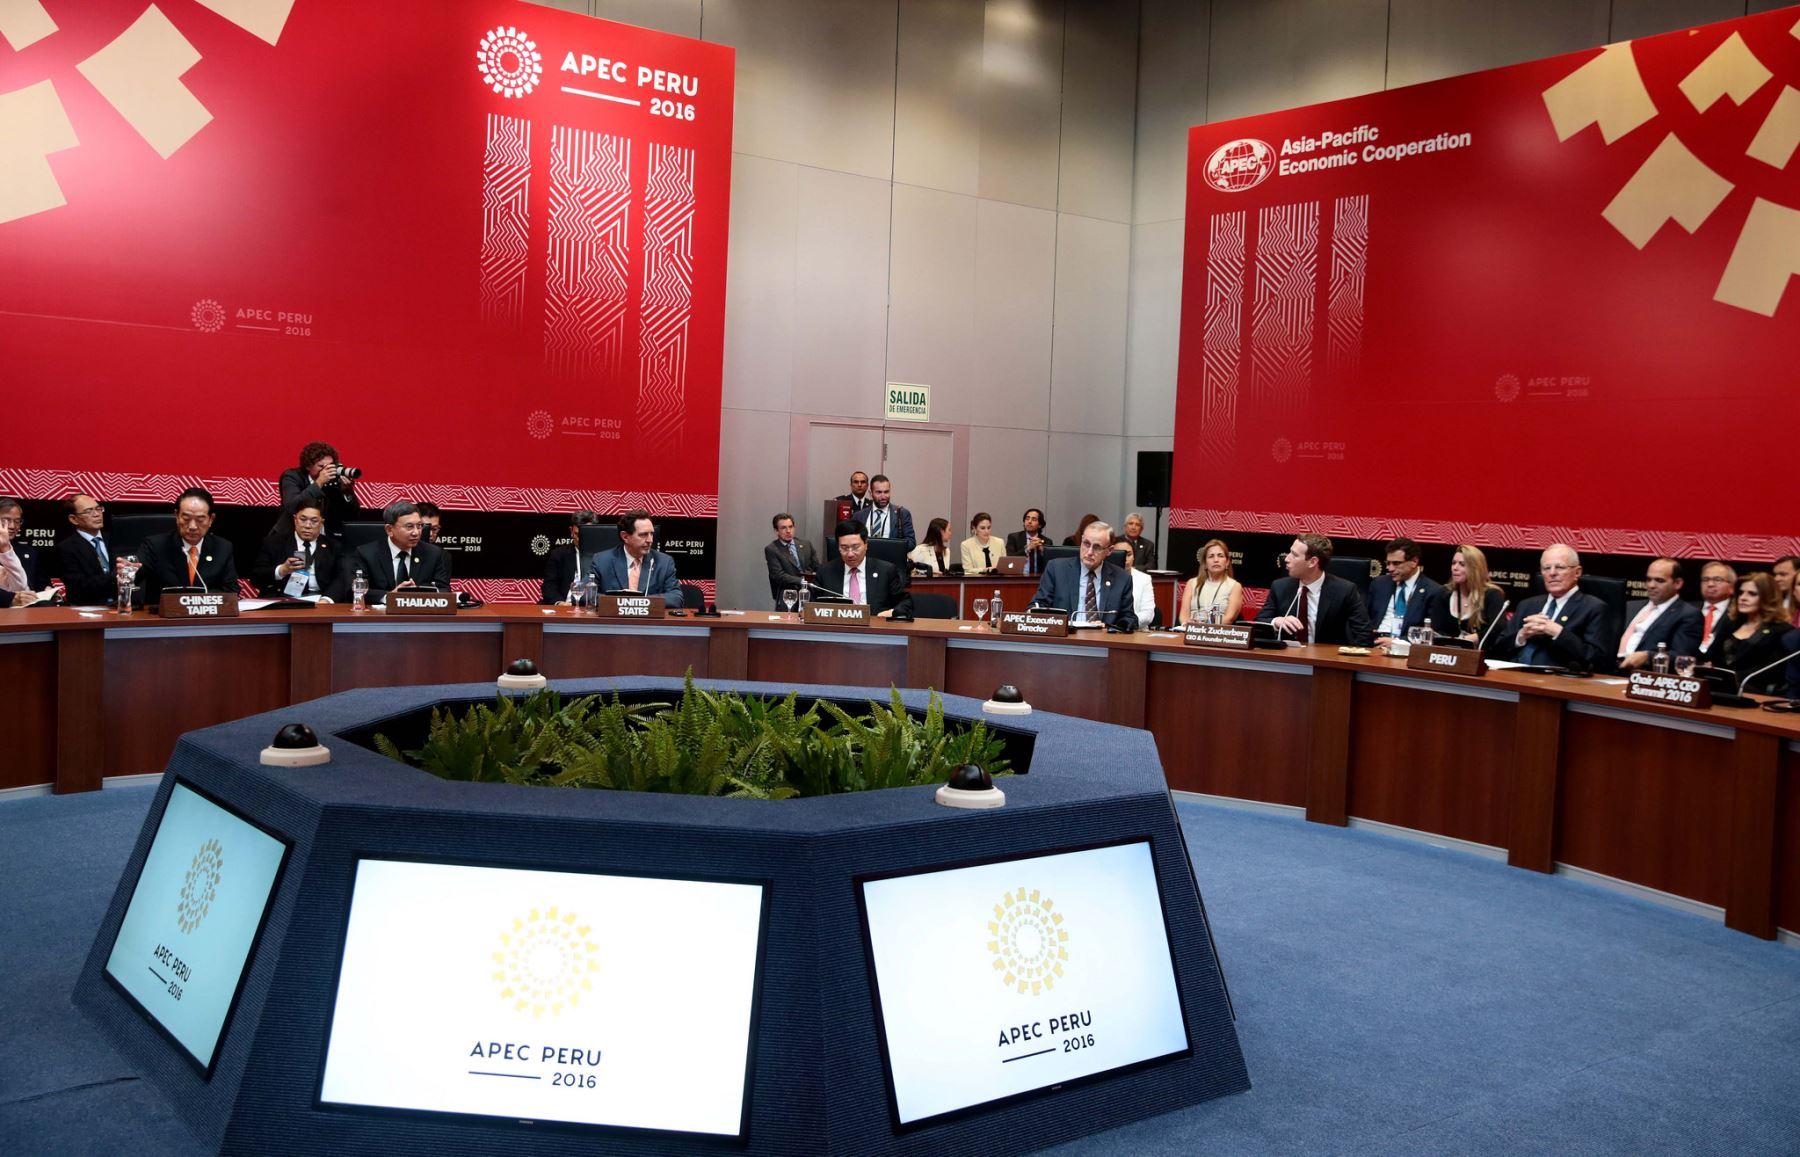 Las reuniones de APEC llegan a su fin esta noche. Foto: ANDINA/Prensa Presidencia.